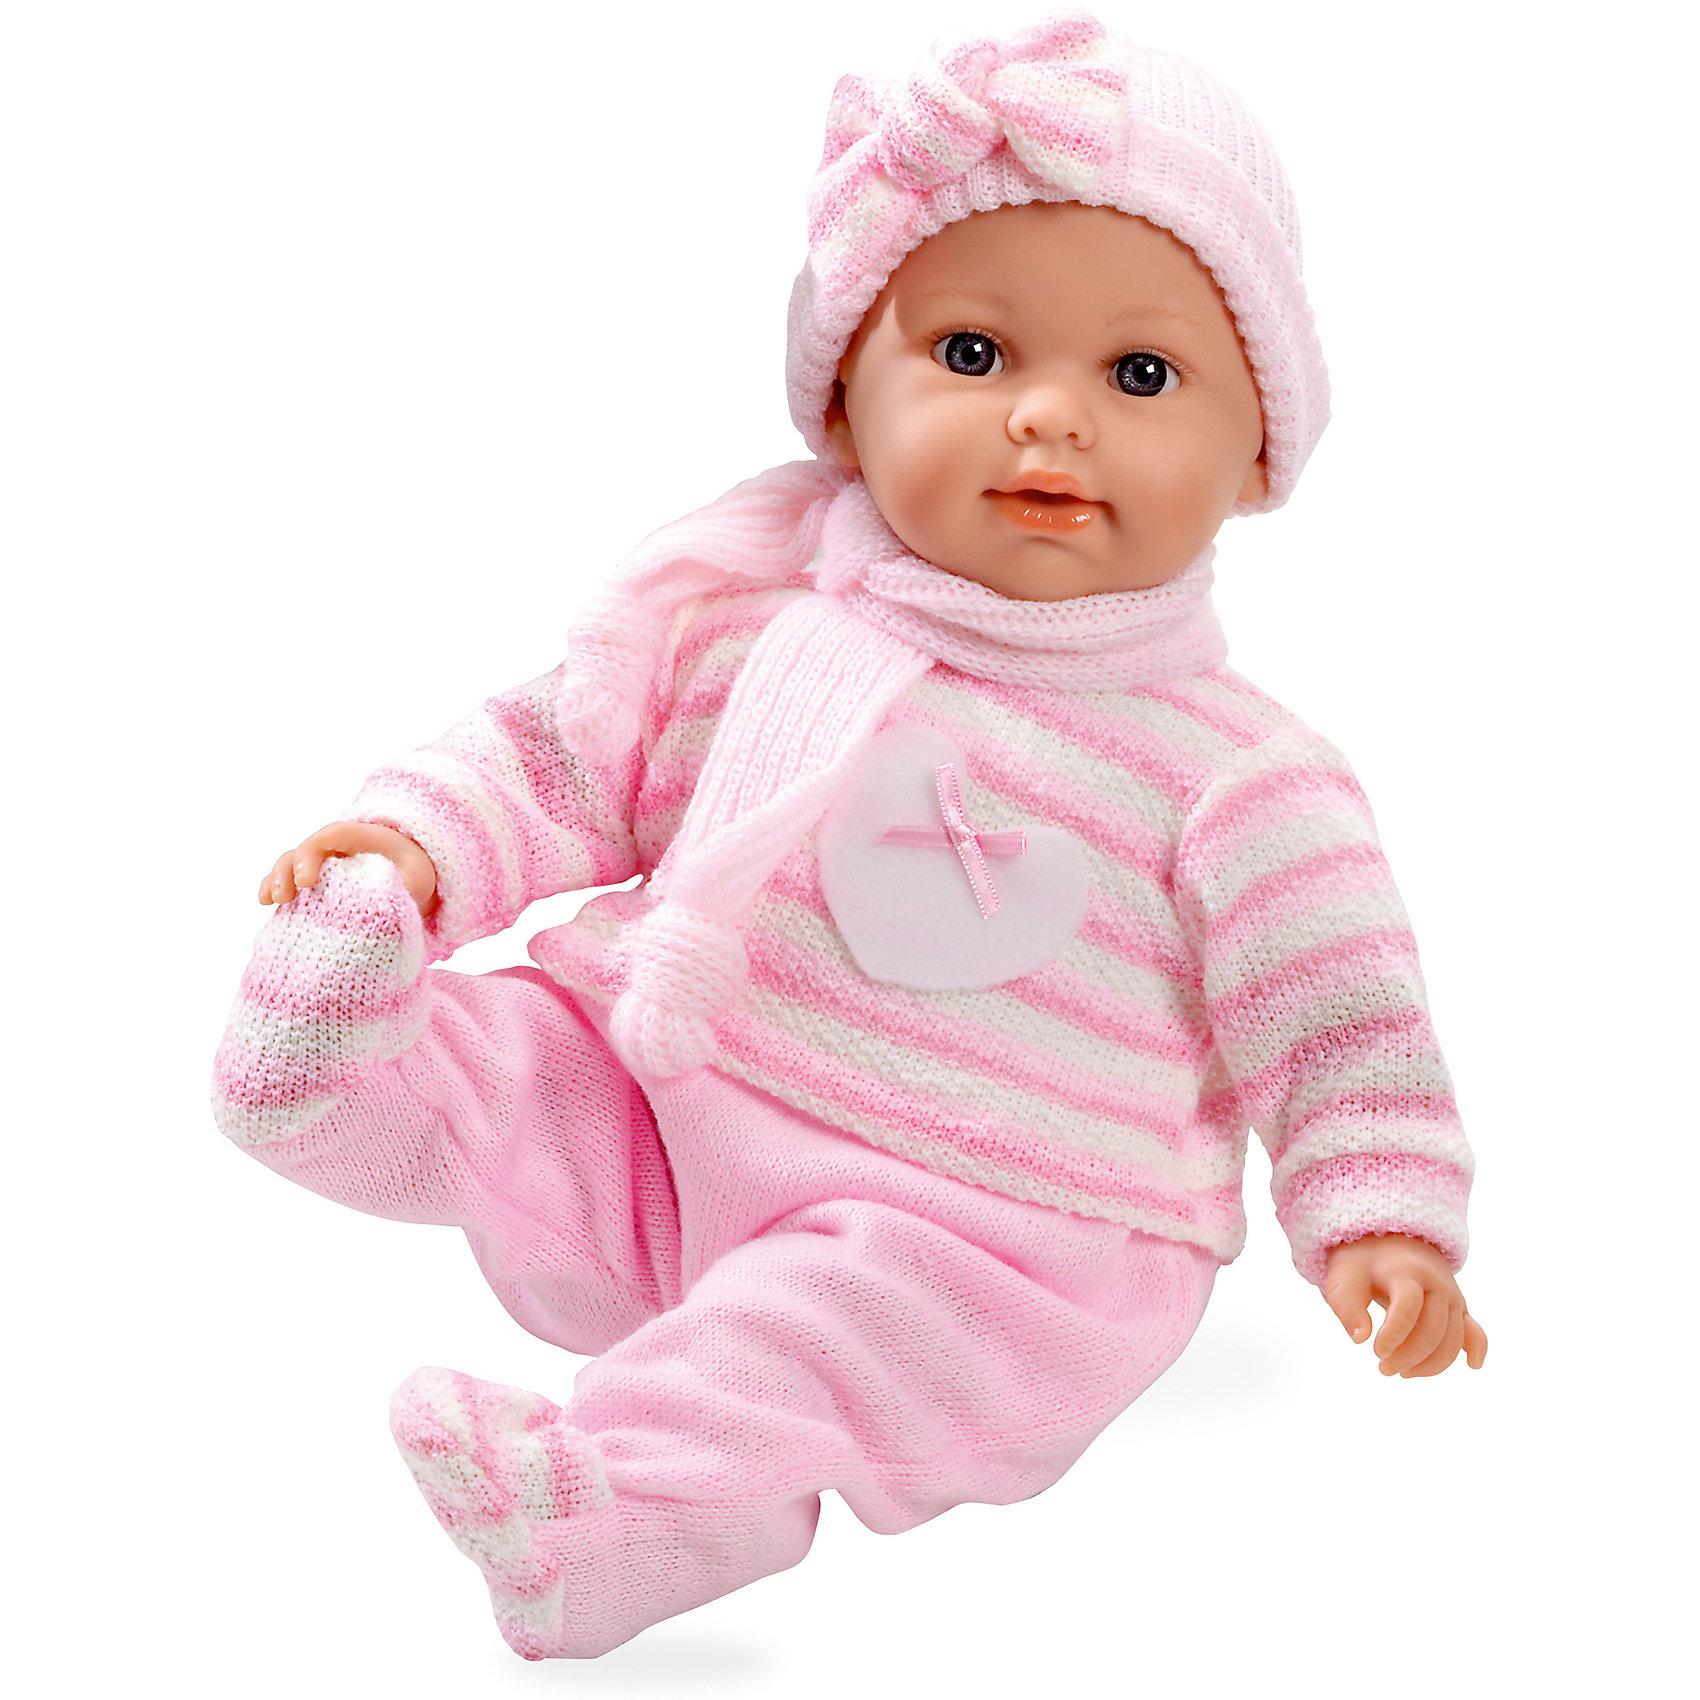 Кукла, с соской, Elegance, в вязаном костюмчике, шапочке, шарфике, розовый, 42 см, плачет,  AriasИнтерактивные куклы<br>Характеристики:<br><br>• Вид игр: сюжетно-ролевые<br>• Пол: для девочек<br>• Коллекция: Elegance<br>• Материал: винил, текстиль<br>• Длина пупса: 42 см<br>• Комплектация: кукла, кофточка, ползунки, шапочка, соска<br>• Подвижные ручки и ножки <br>• Умеет плакать <br>• Батарейки: 3 x AG13 / LR44 (предусмотрены в комплекте)<br>• Вес в упаковке: 1 кг 100 г<br>• Размеры упаковки (Г*Ш*В): 26*17*48 см<br>• Упаковка: картонная коробка<br>• Особенности ухода: куклу можно купать, одежда – ручная стирка<br><br>Кукла, с соской, Elegance, в вязаном костюмчике, шапочке, шарфике, розовый, 42 см, плачет, Arias изготовлена известным испанским торговым предприятием Munecas, который специализируется на выпуске кукол и пупсов. Пупсы и куклы Arias с высокой степенью достоверности повторяют облик маленьких детей, благодаря мельчайшим деталям внешнего вида и одежды игрушки выглядят мило и очаровательно. Тело пупса – мягконабивное, подвижные ручки и ножки выполнены из винила. У него четко прорисованные глаза и брови, курносый носик и пухленькие губки. У малышки теплый комплект одежды: вязаная кофточка с длинными рукавами, штанишки, шапочка и шарфик. При нажатии на животик, пупс начинает плакать, но его легко успокоить, так как в комплекте предусмотрена соска. Куклу, с соской, Elegance, в вязаном костюмчике, шапочке, шарфике, розовый, 42 см, плачет, Arias станет идеальным подарком для девочки к любому празднику.<br><br>Куклу, с соской, Elegance, в вязаном костюмчике, шапочке, шарфике, розовый, 42 см, плачет, Arias можно купить в нашем интернет-магазине.<br><br>Ширина мм: 490<br>Глубина мм: 175<br>Высота мм: 270<br>Вес г: 1667<br>Возраст от месяцев: 36<br>Возраст до месяцев: 120<br>Пол: Женский<br>Возраст: Детский<br>SKU: 5355538